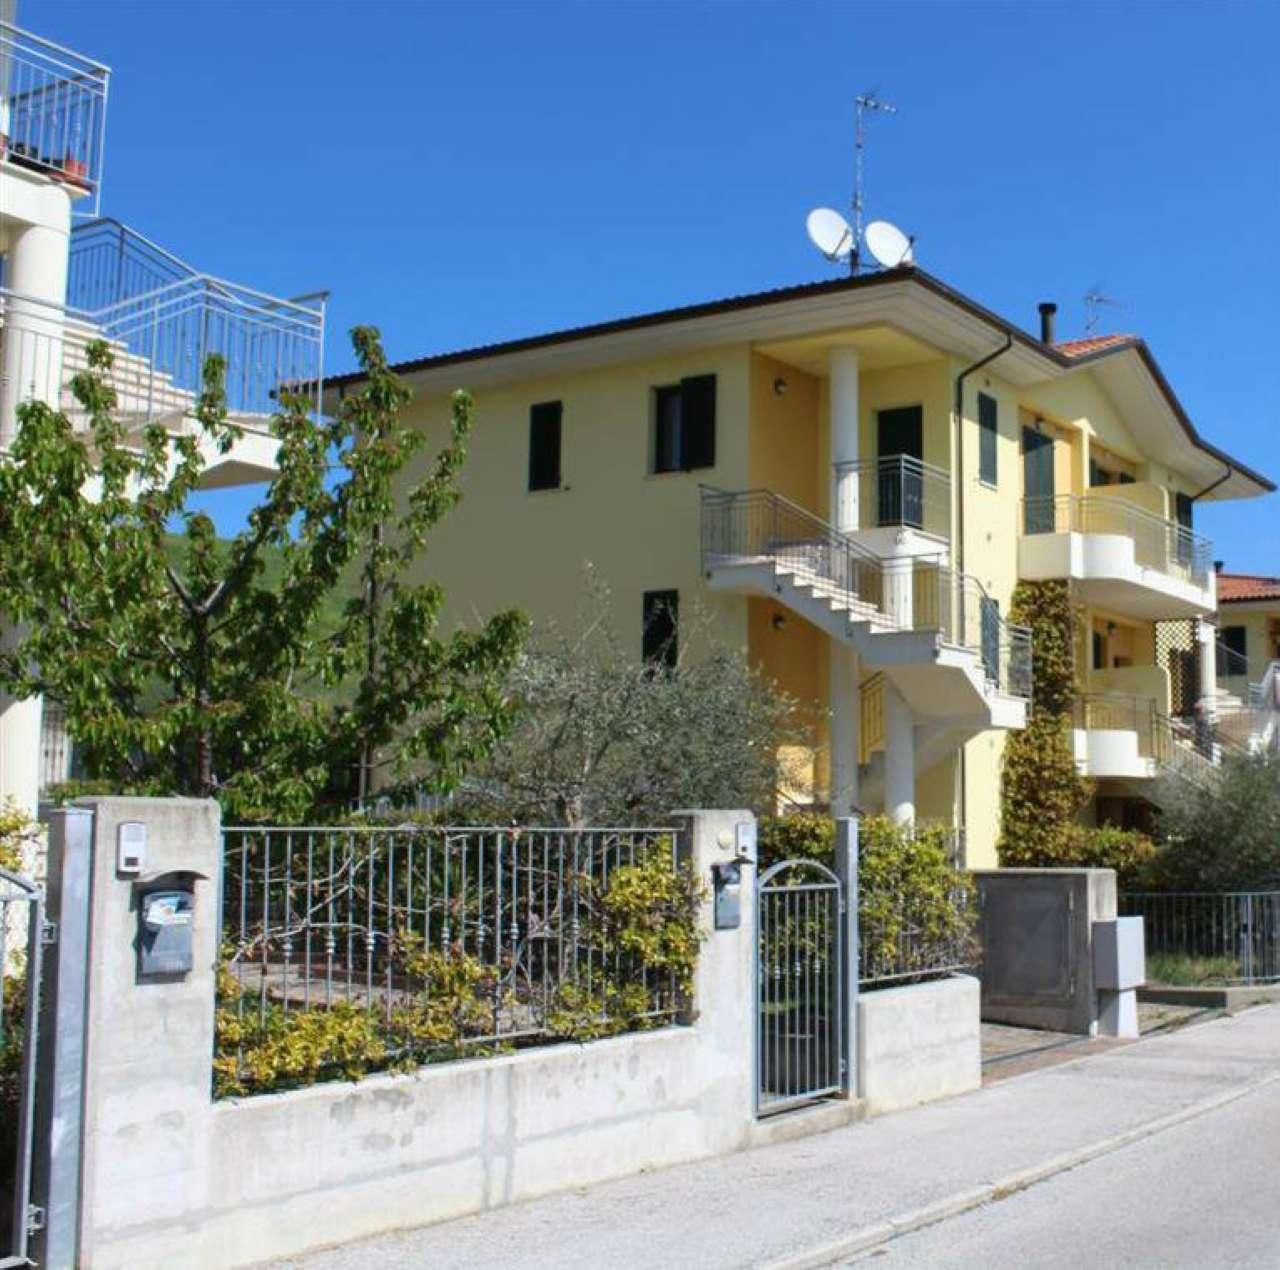 Appartamento in vendita a Tavullia, 3 locali, prezzo € 115.000 | CambioCasa.it